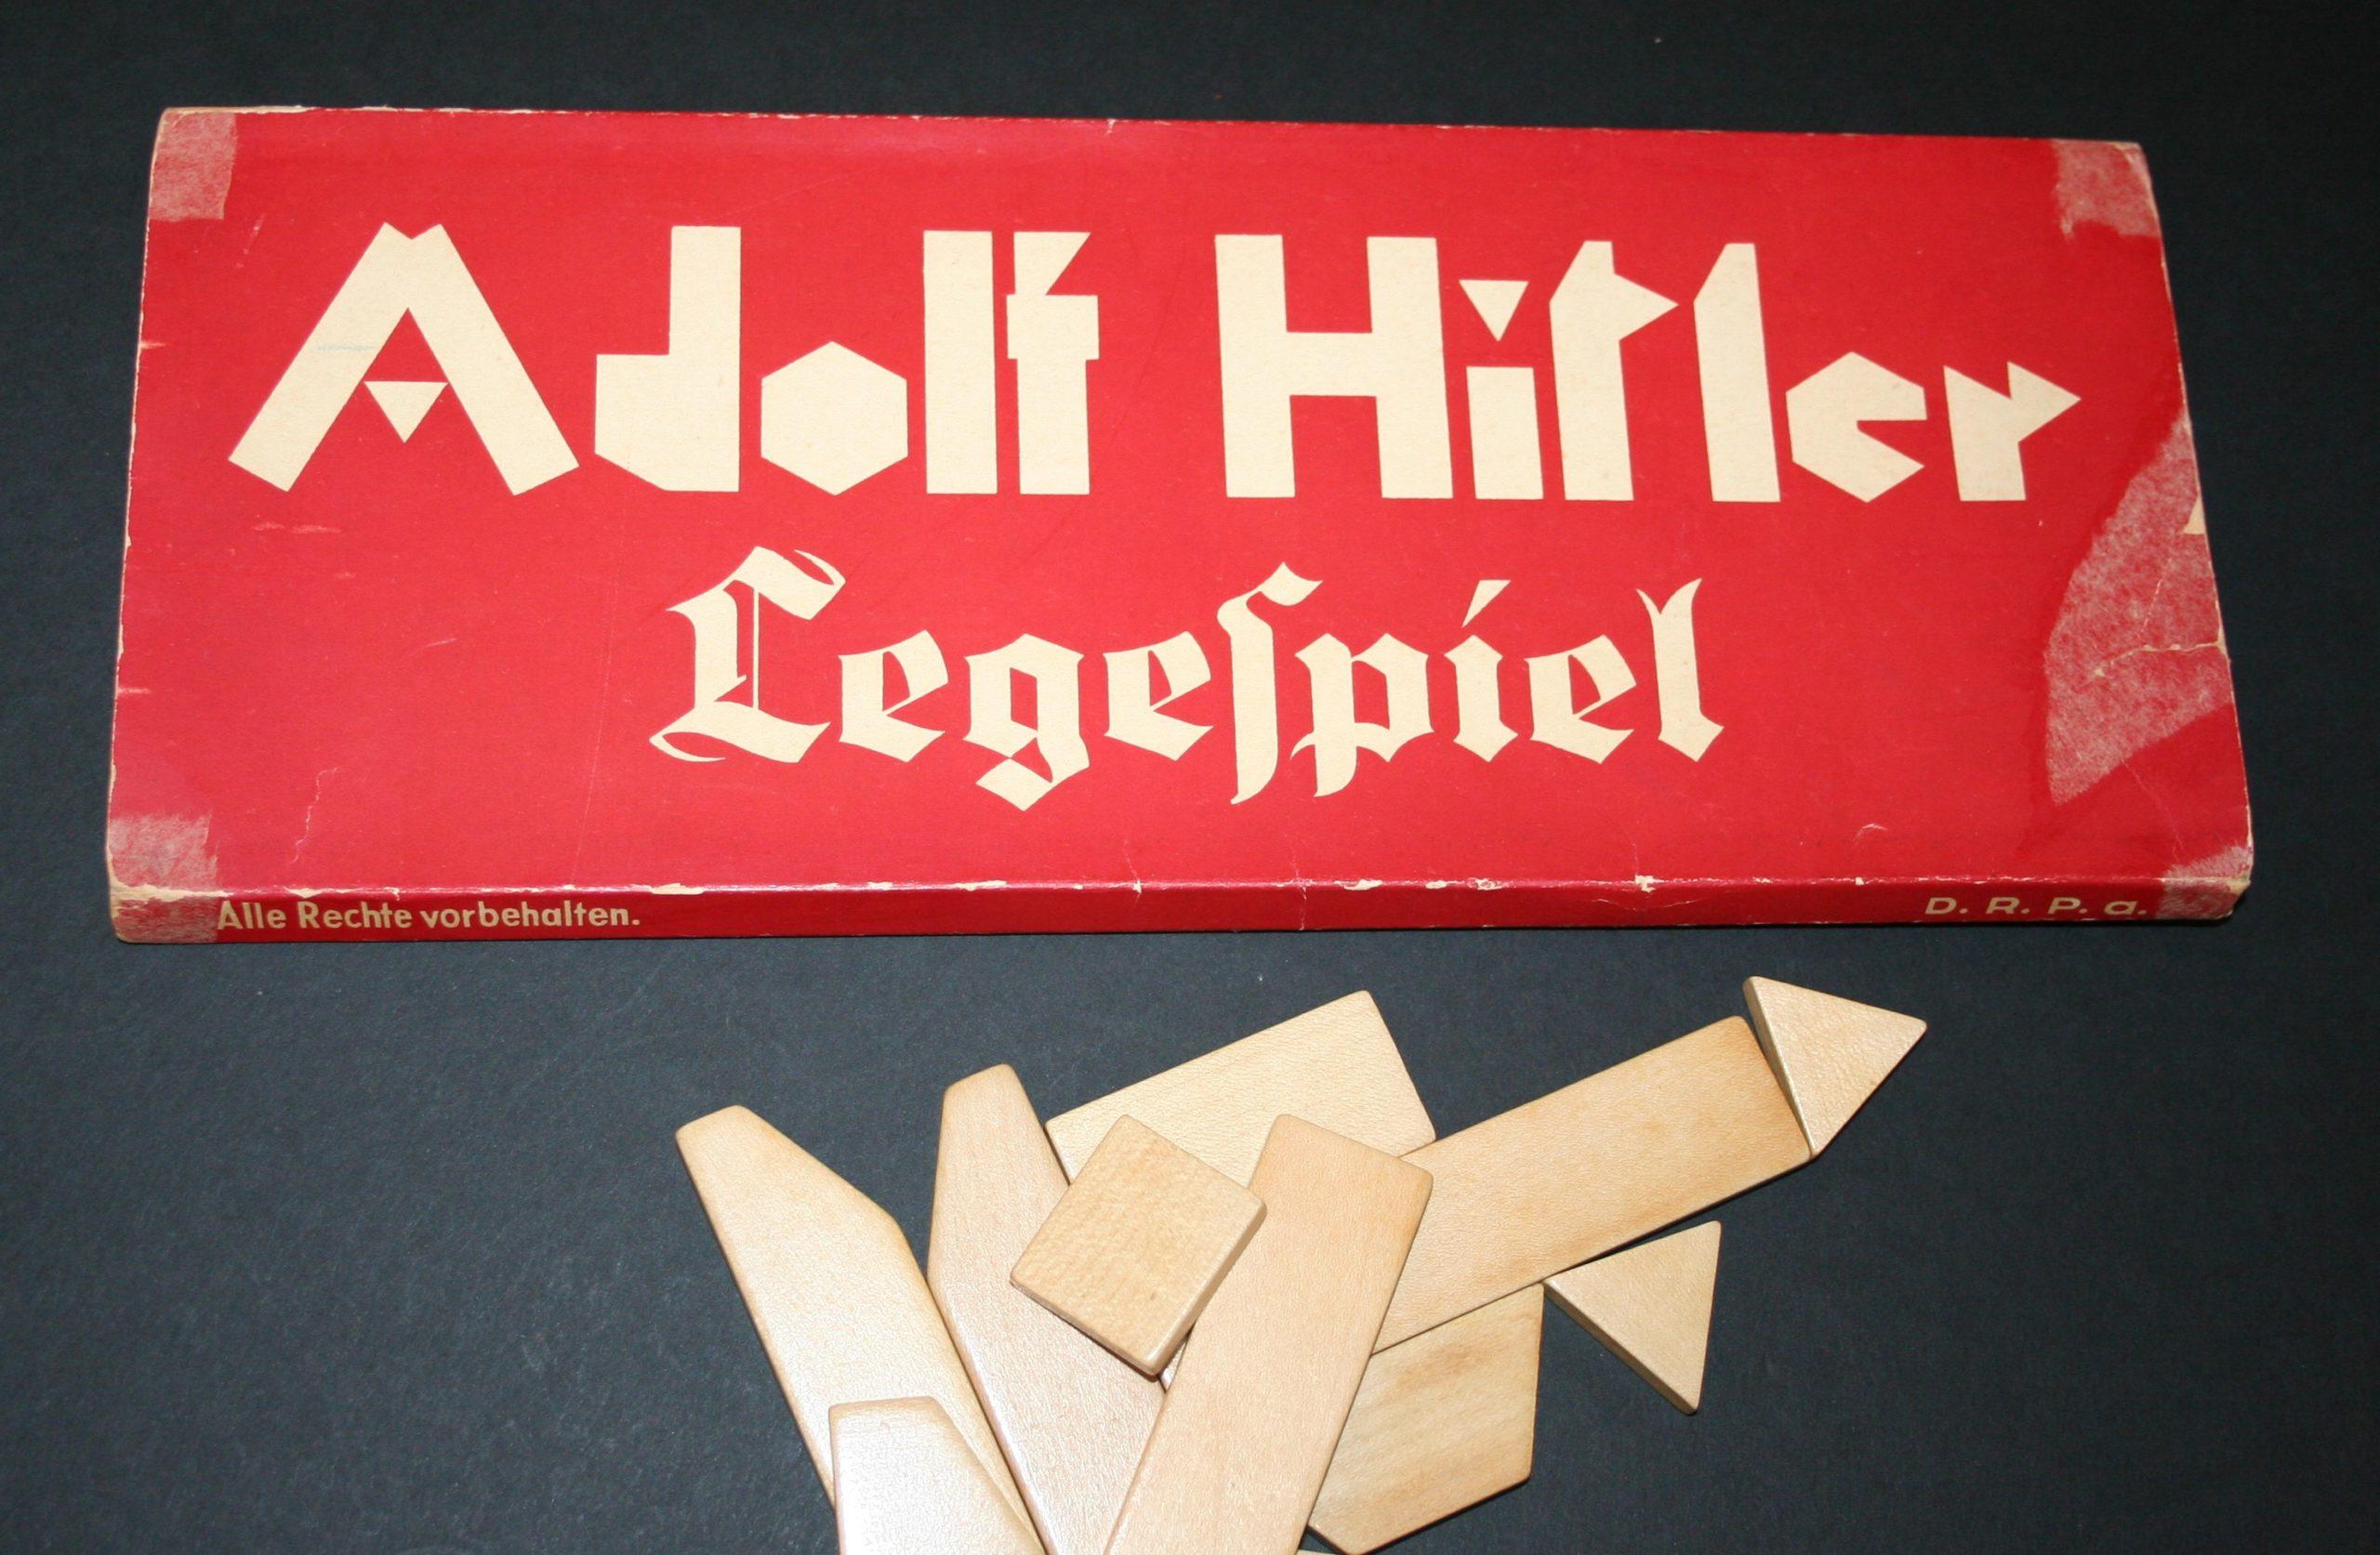 Adolf Hitler Legespiel